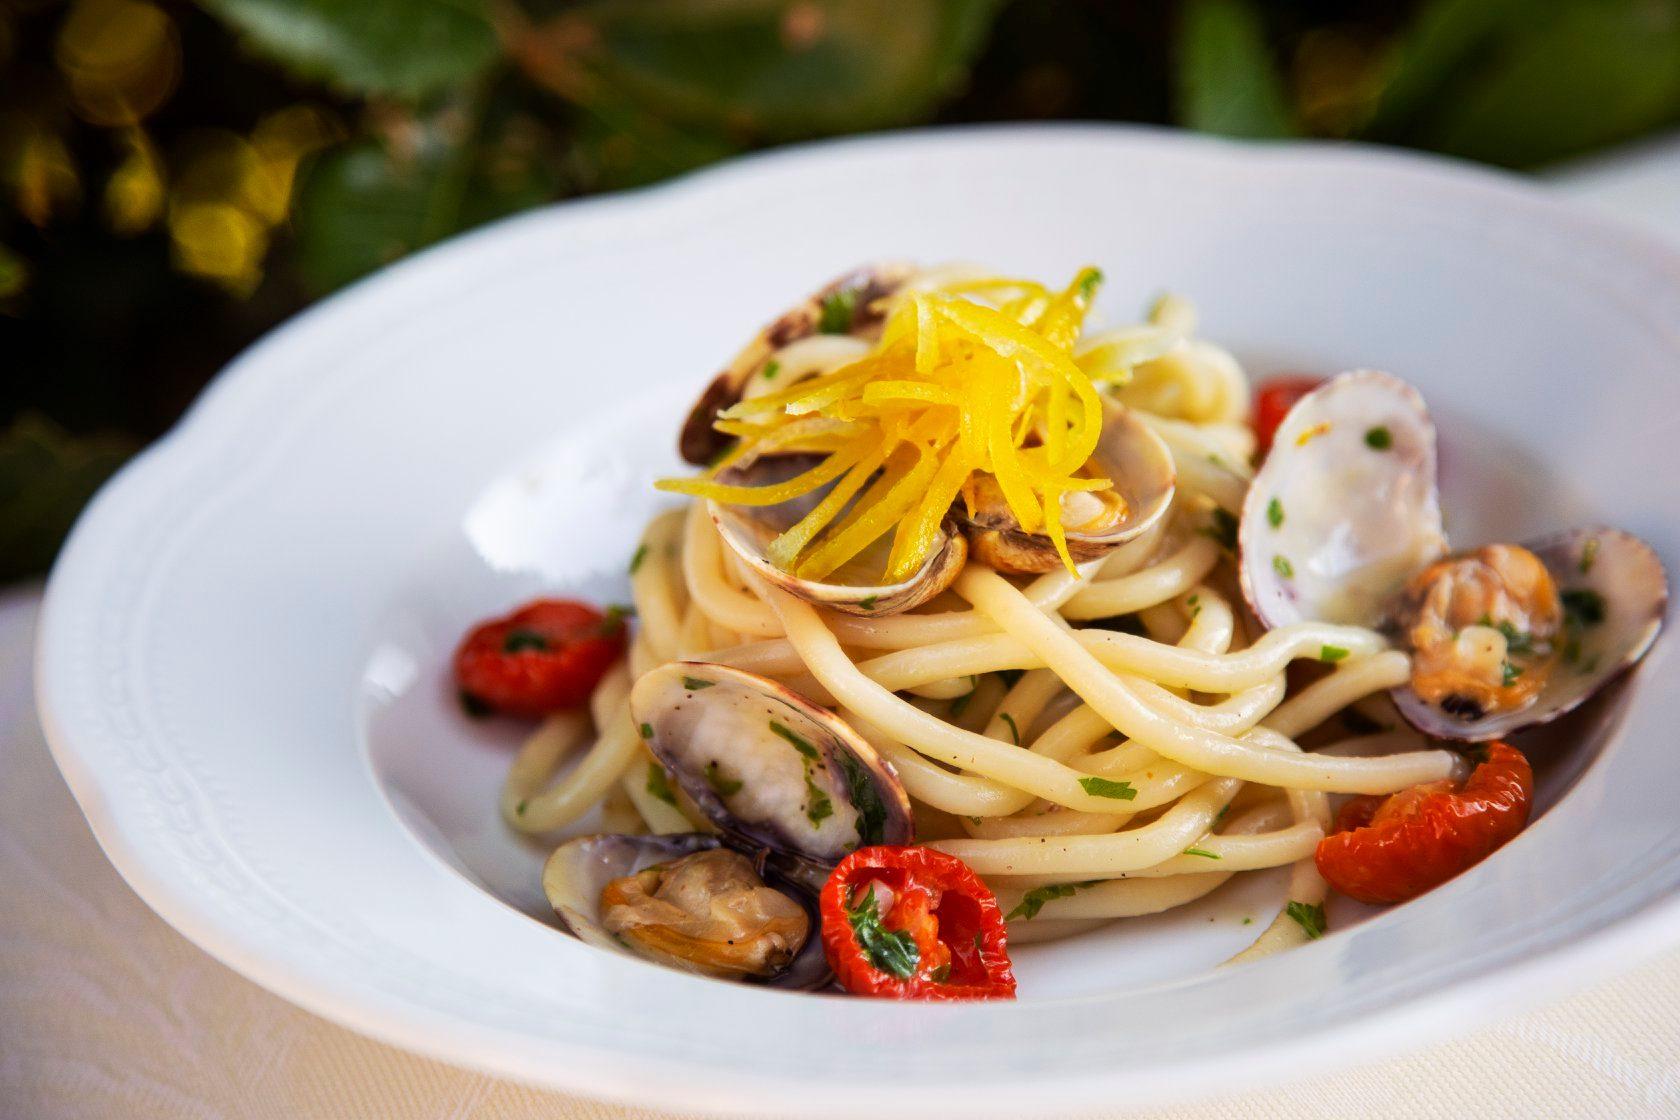 Spaghetti al sugo di pesce con pomodorini